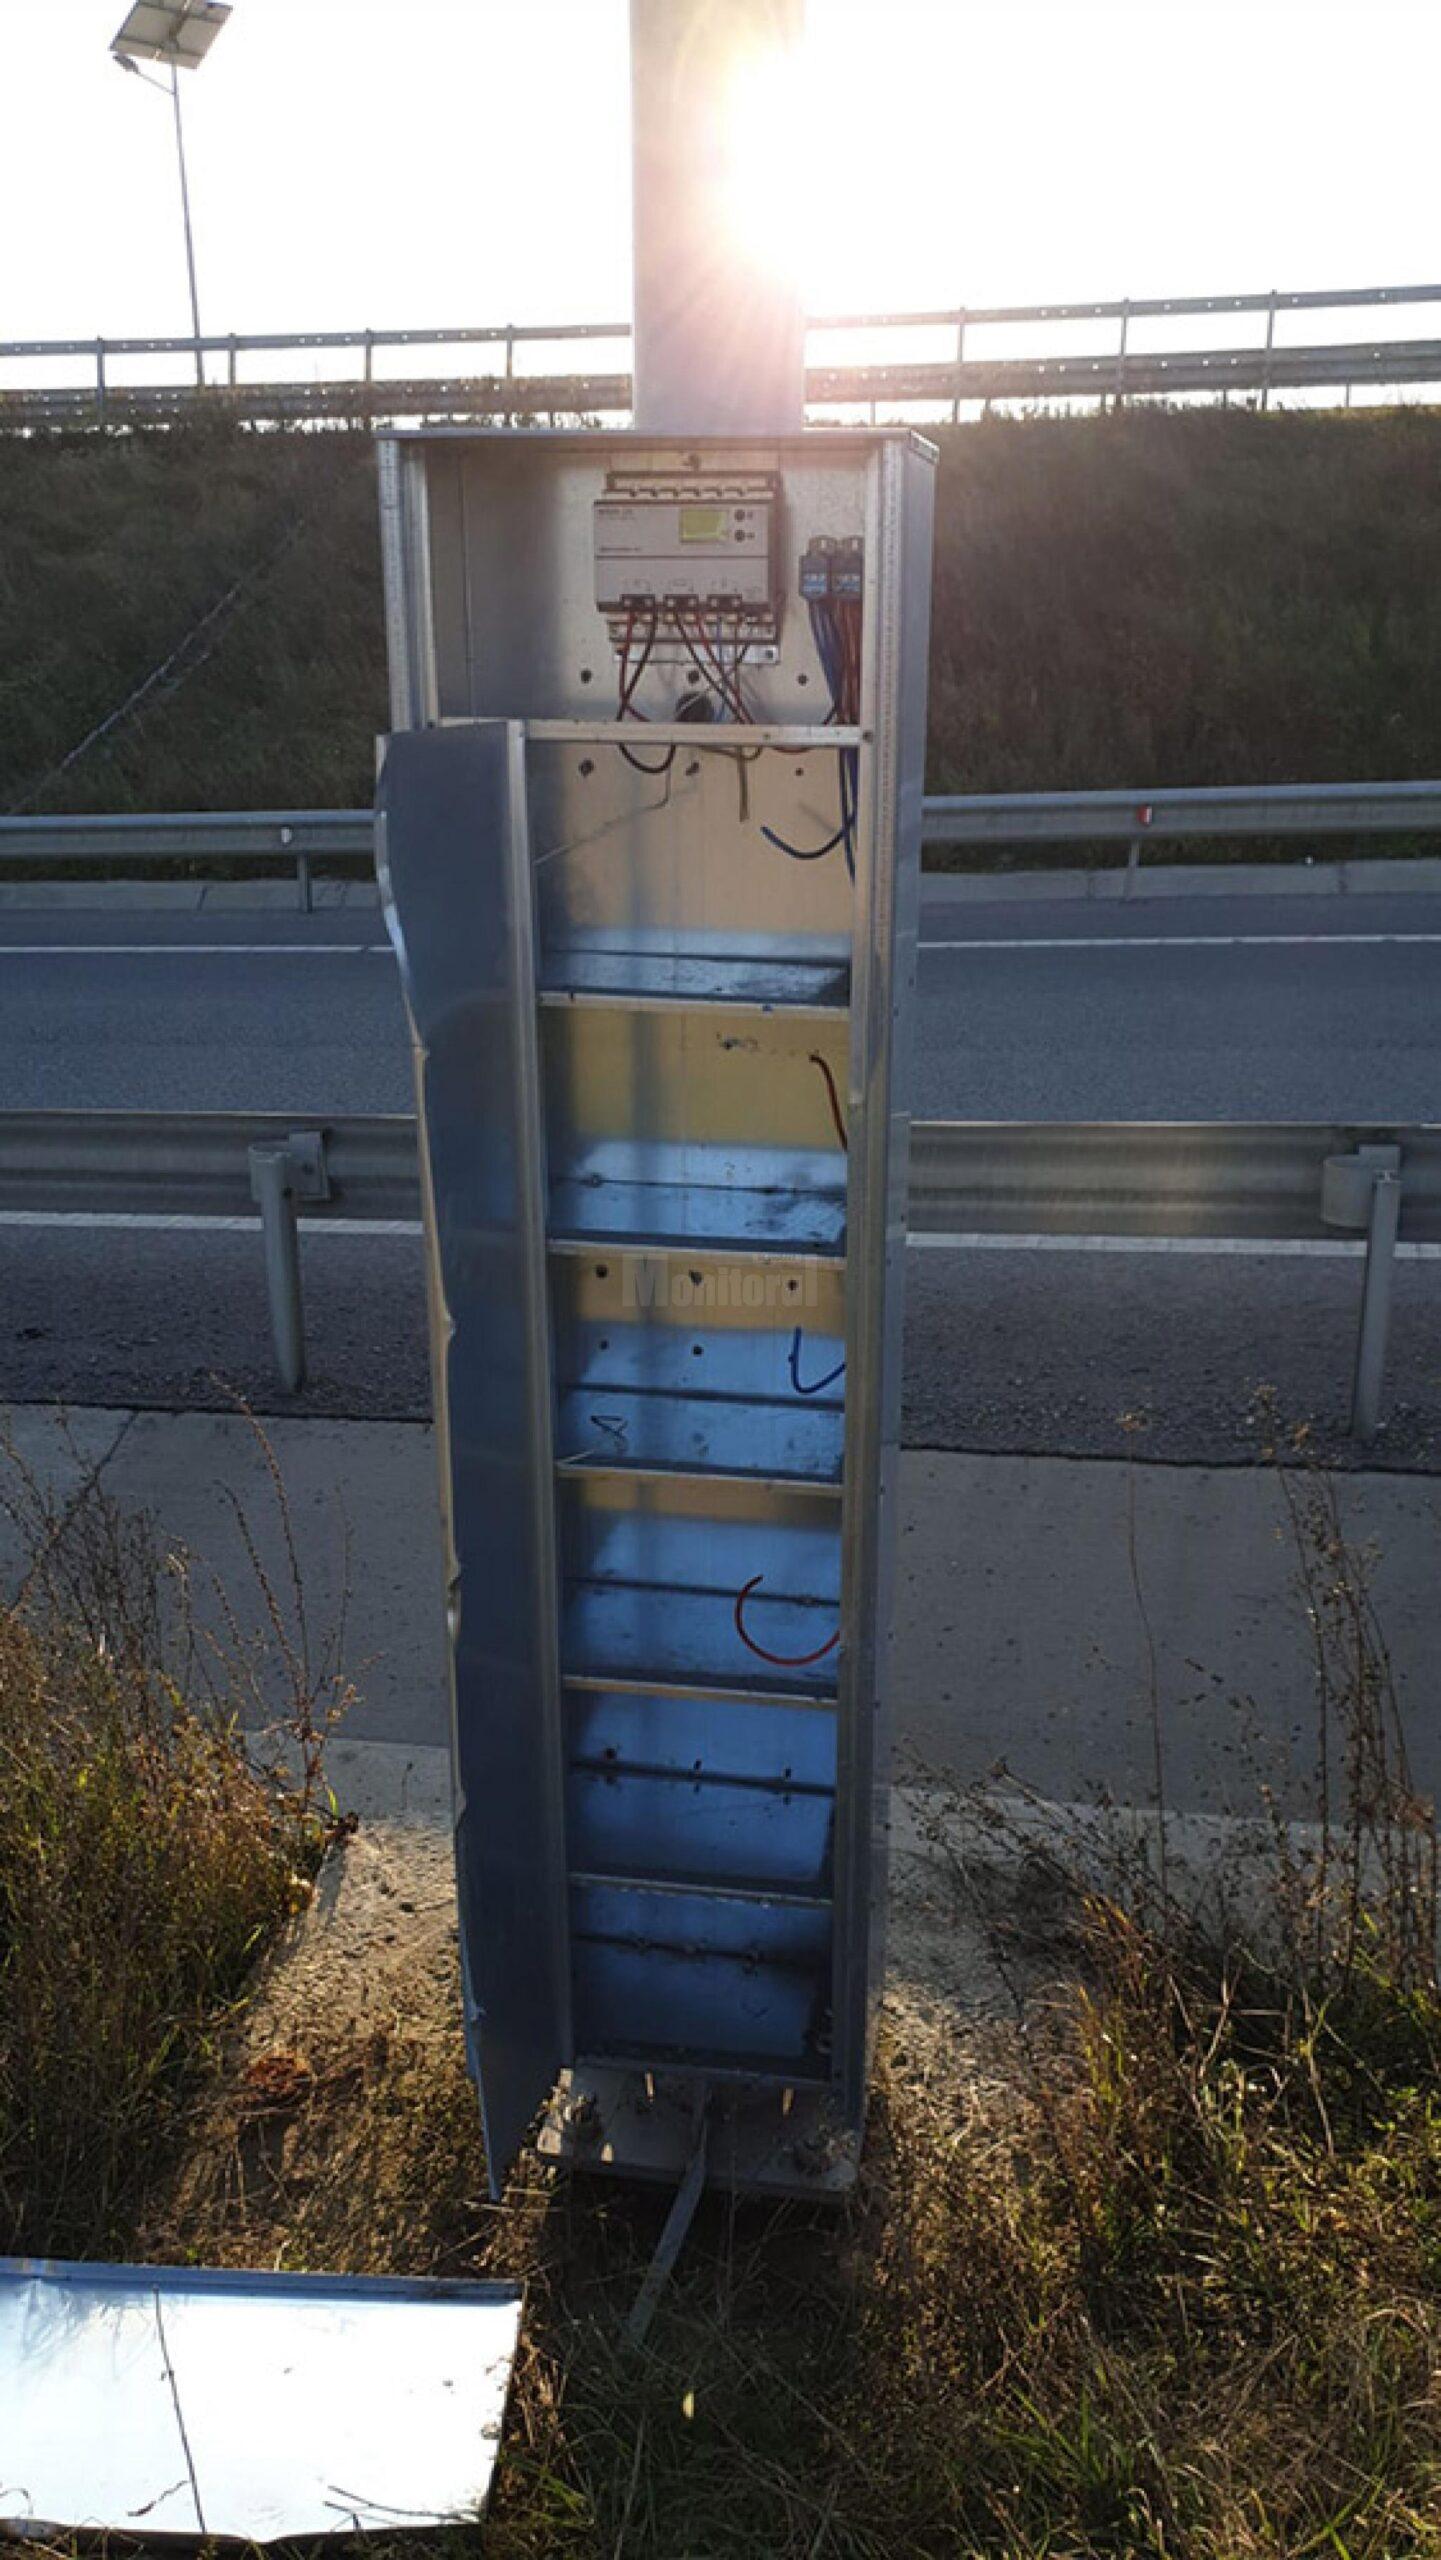 Acumulatorii furati de la soseaua de centura ar fi trebuit sa fie ingropati conform proiectului tehnic al lucrarii